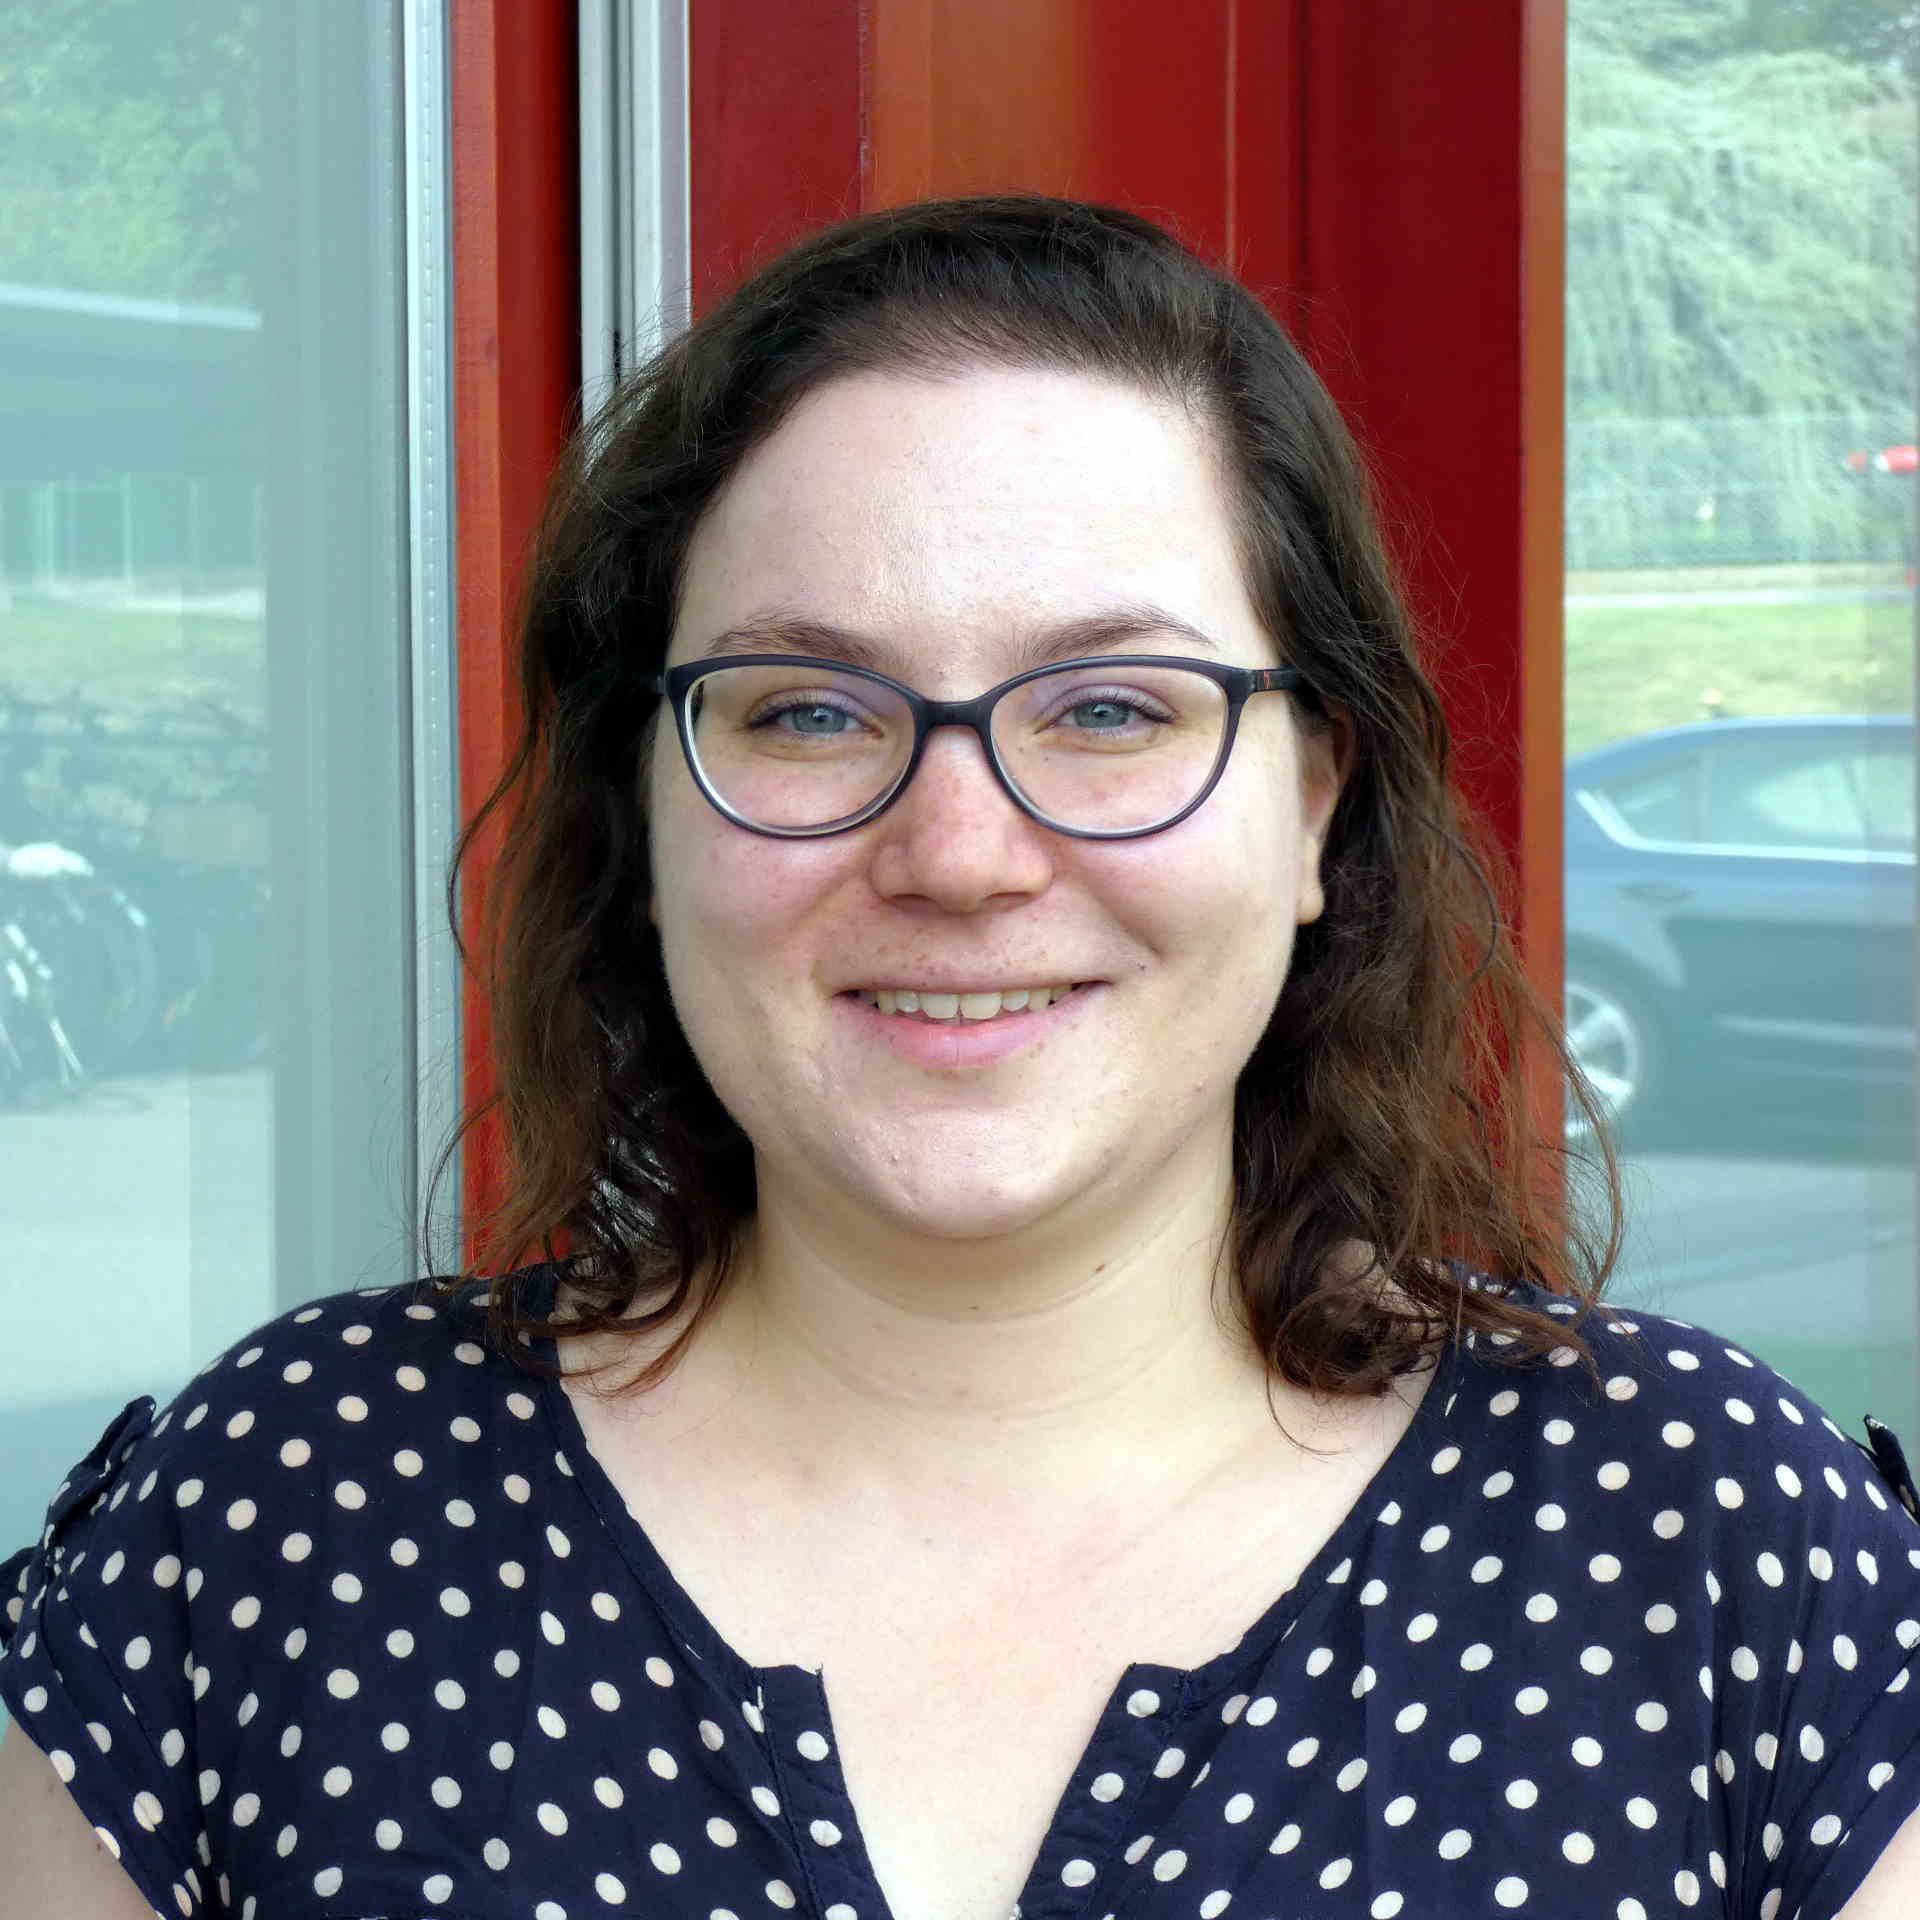 Léa, MSc in Bioengineering